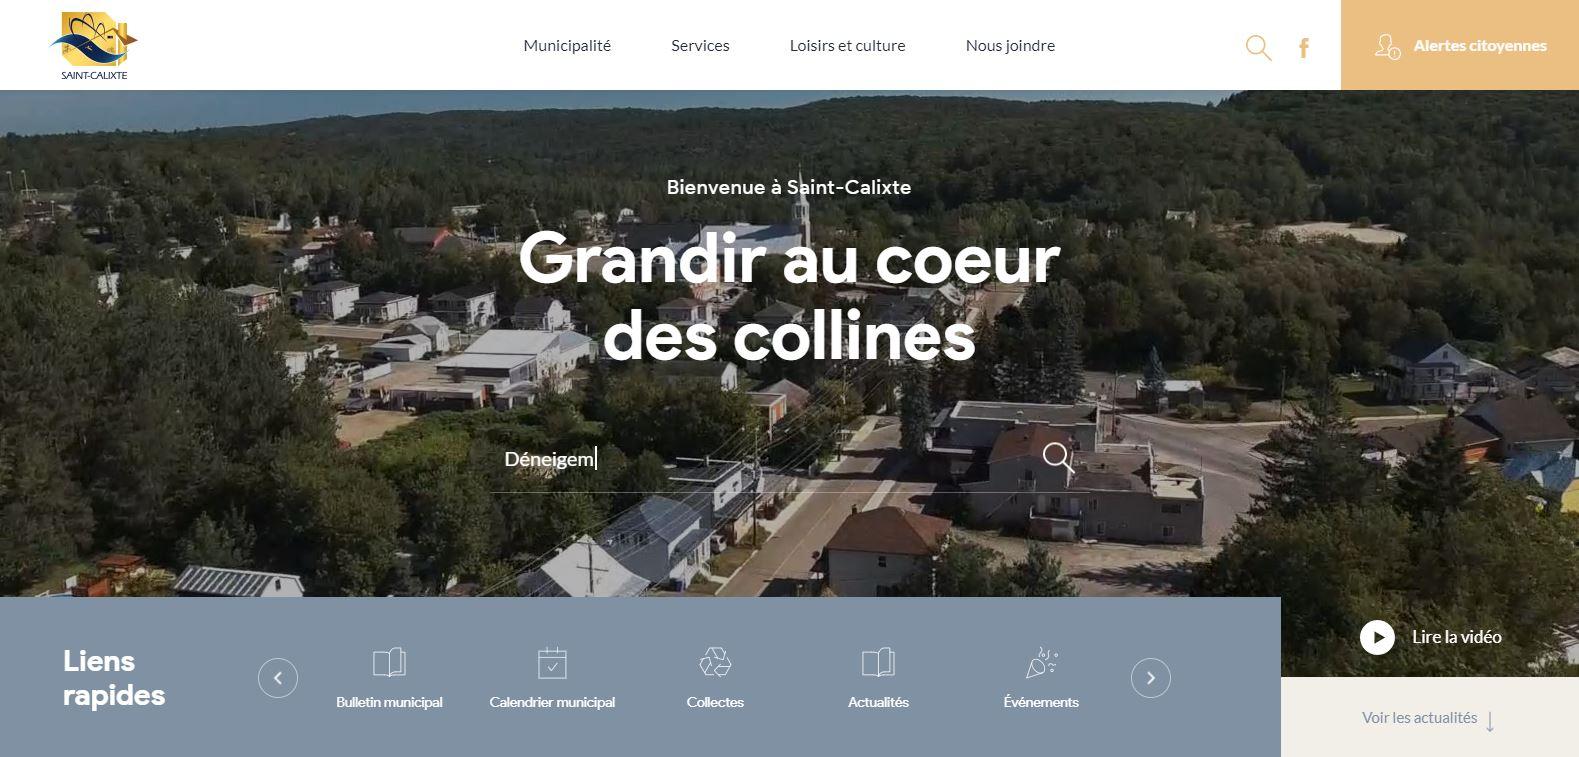 Nouveau site web Saint-Calixte